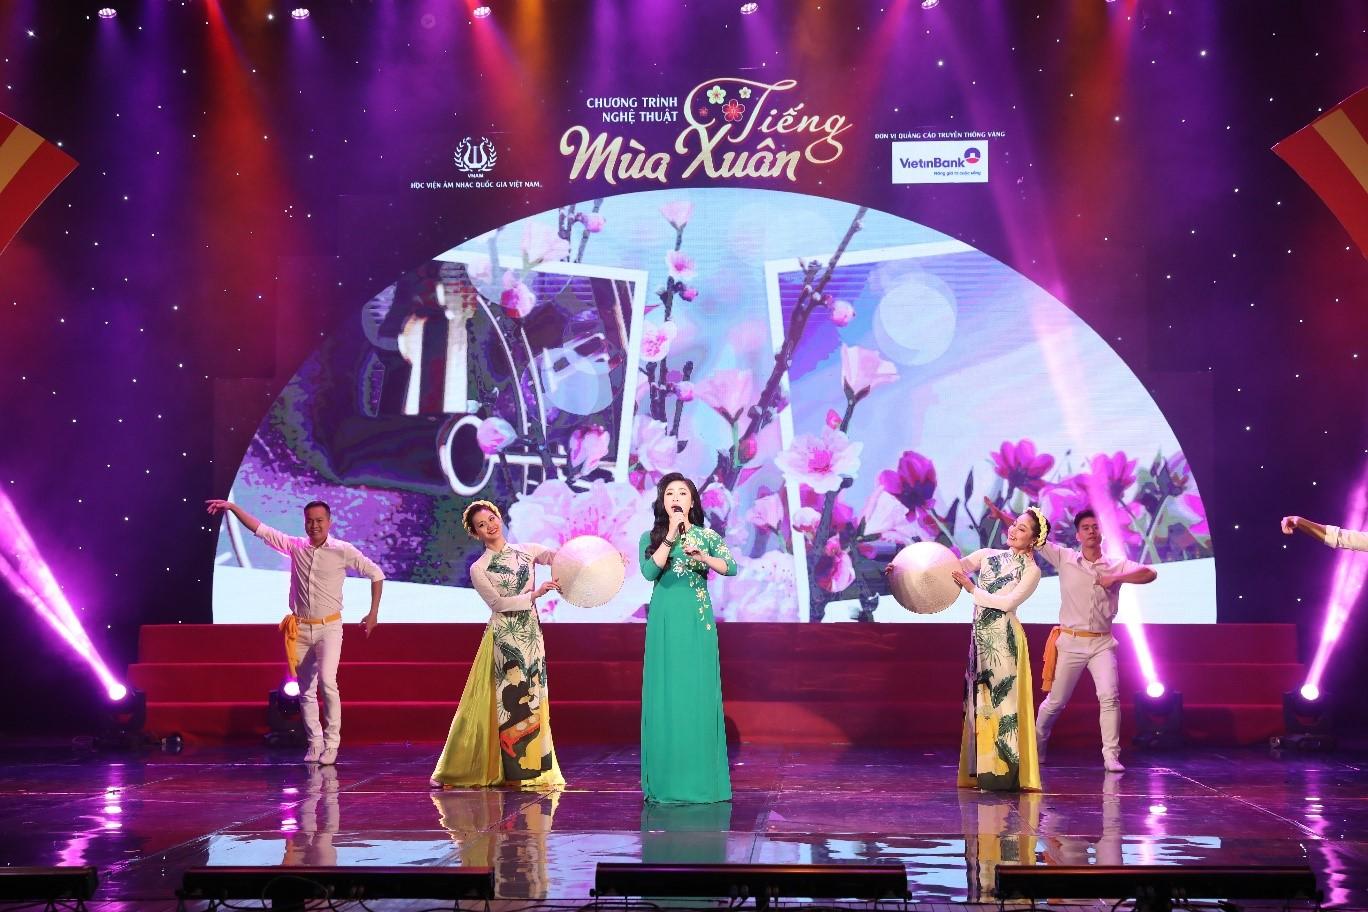 Ca khúc Mùa xuân nho nhỏ dưới sự thể hiện của ca sỹ Tân Nhàn.